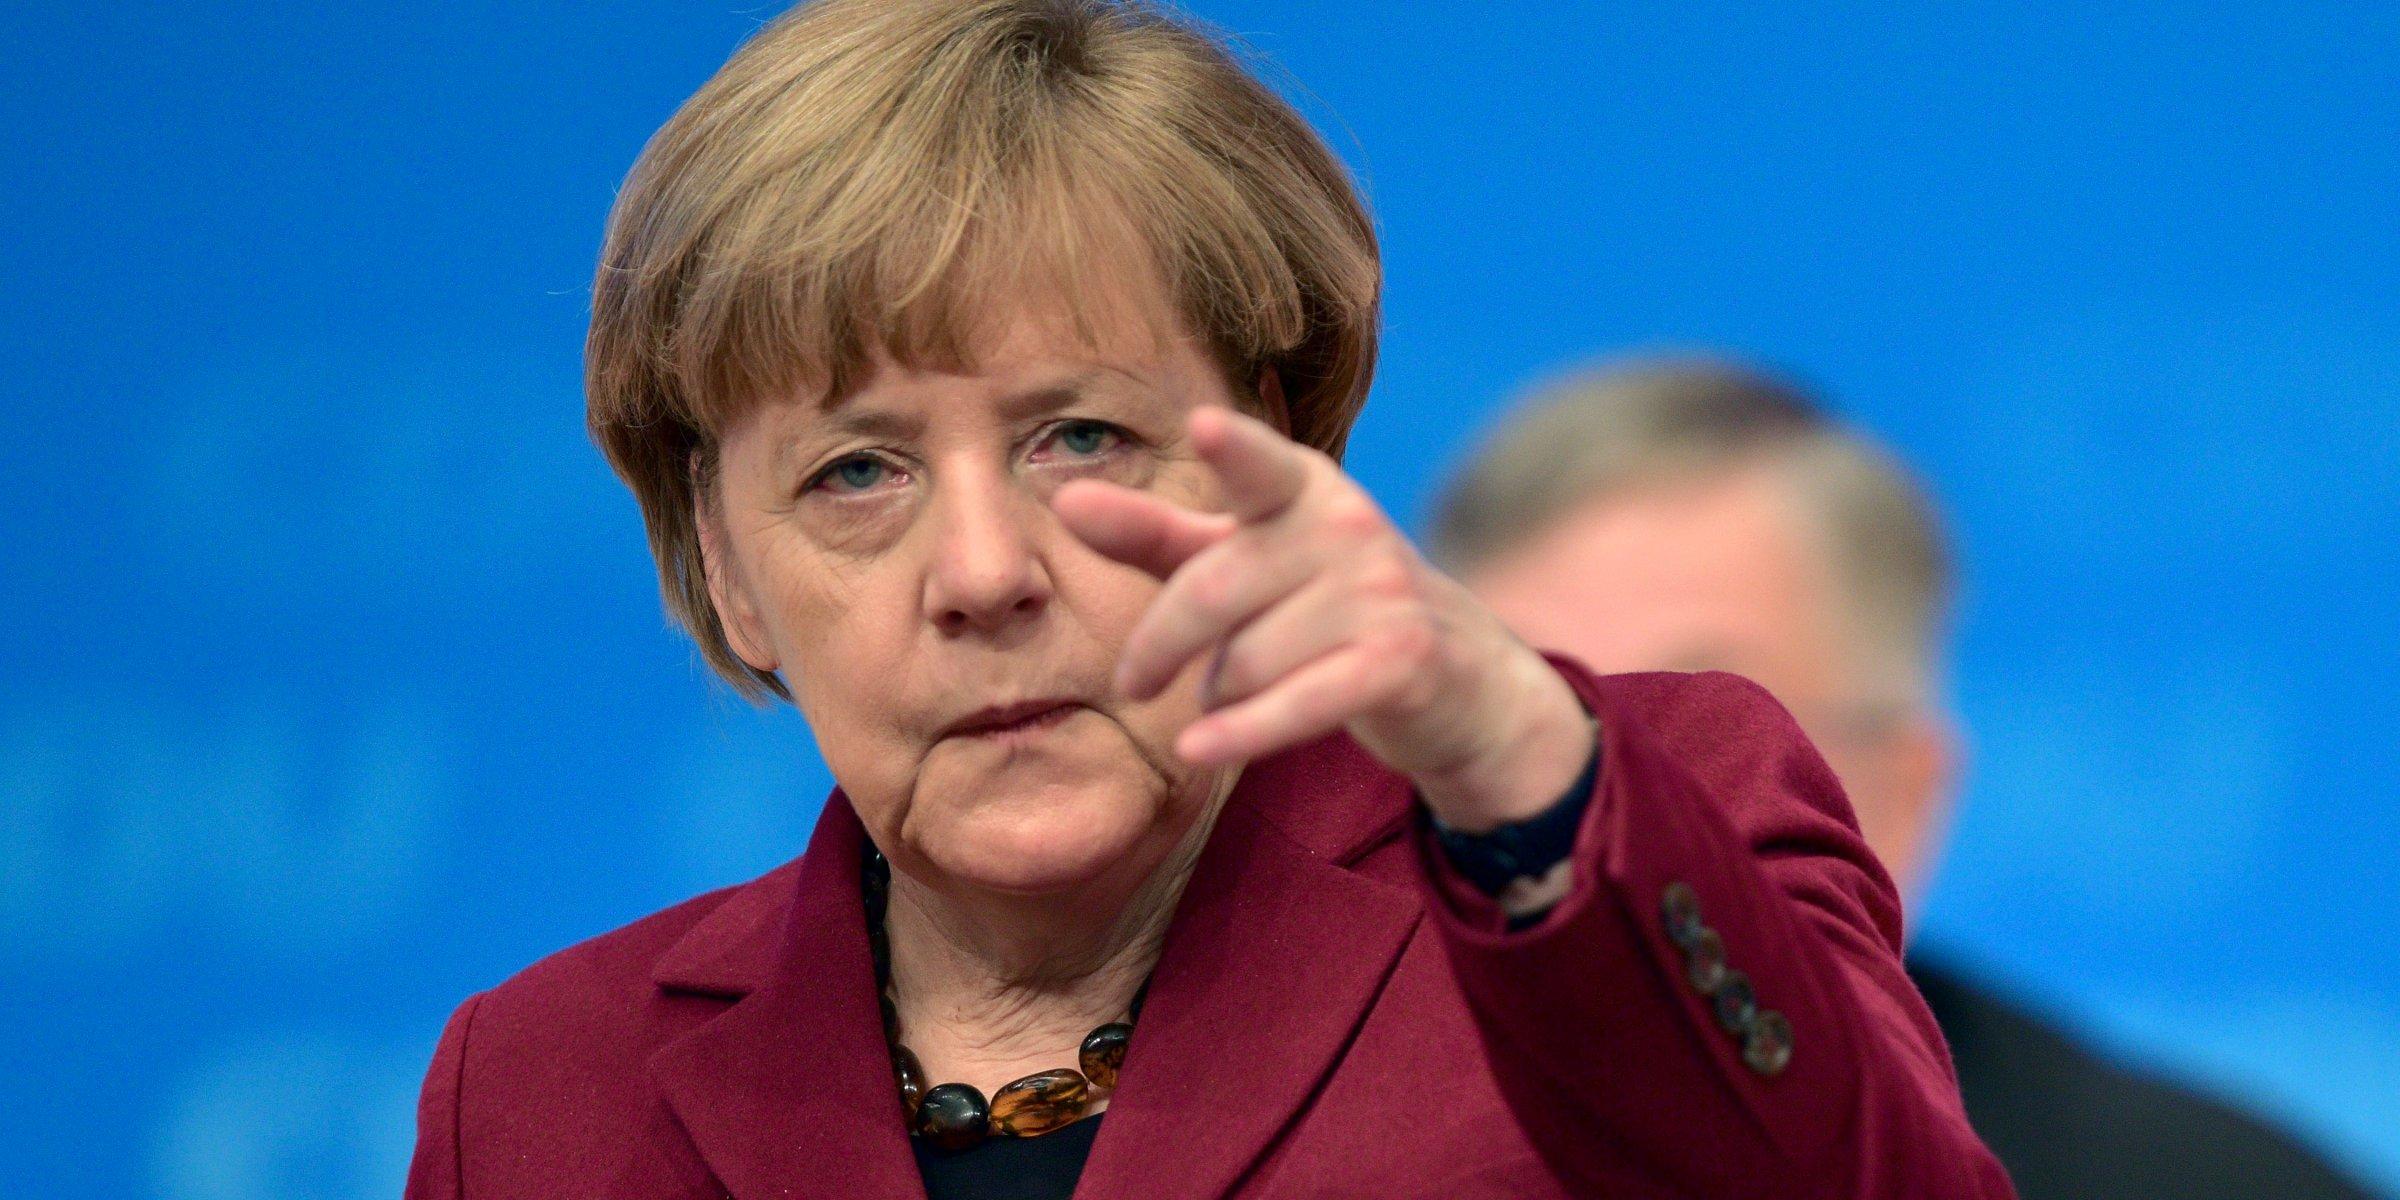 Cancelarul german Angela Merkel vrea să evite adoptarea unor noi sancțiuni împotriva Federației Ruse